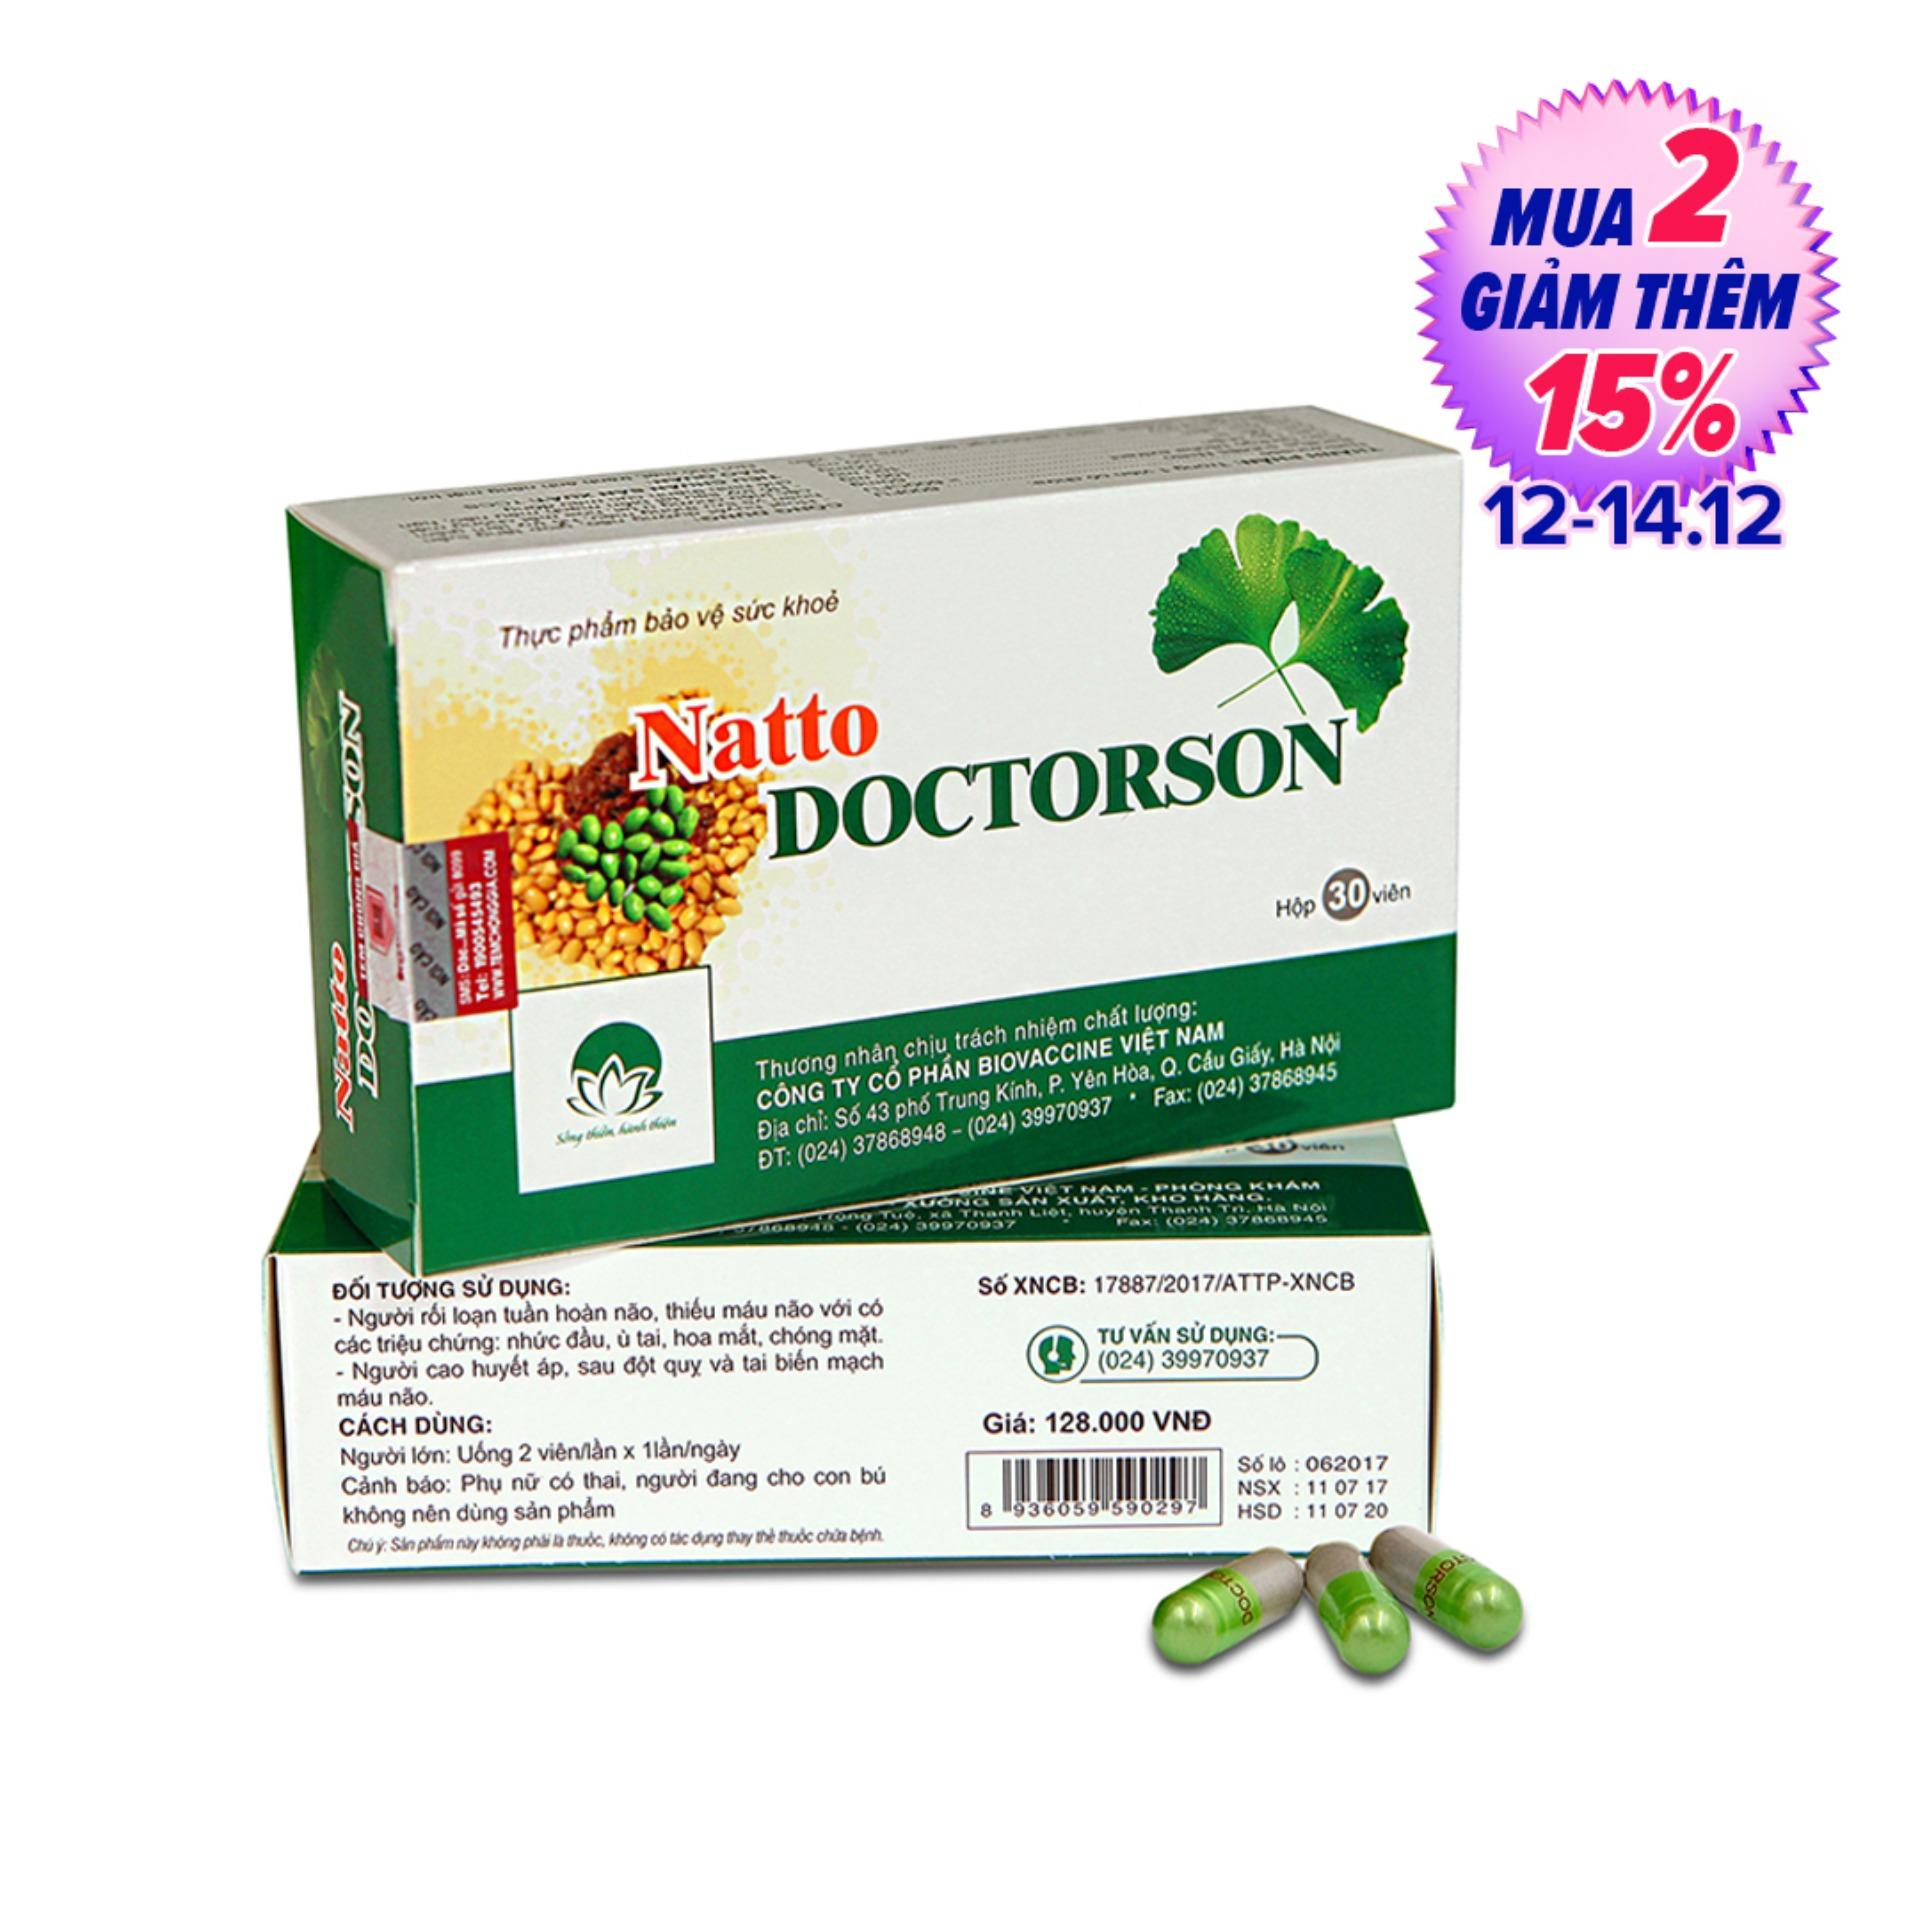 Thực phẩm chức năng NattoDoctorson, Natto Doctoron – Phòng ngừa đột quỵ và tai biến hiệu quả (hộp 30 viên)